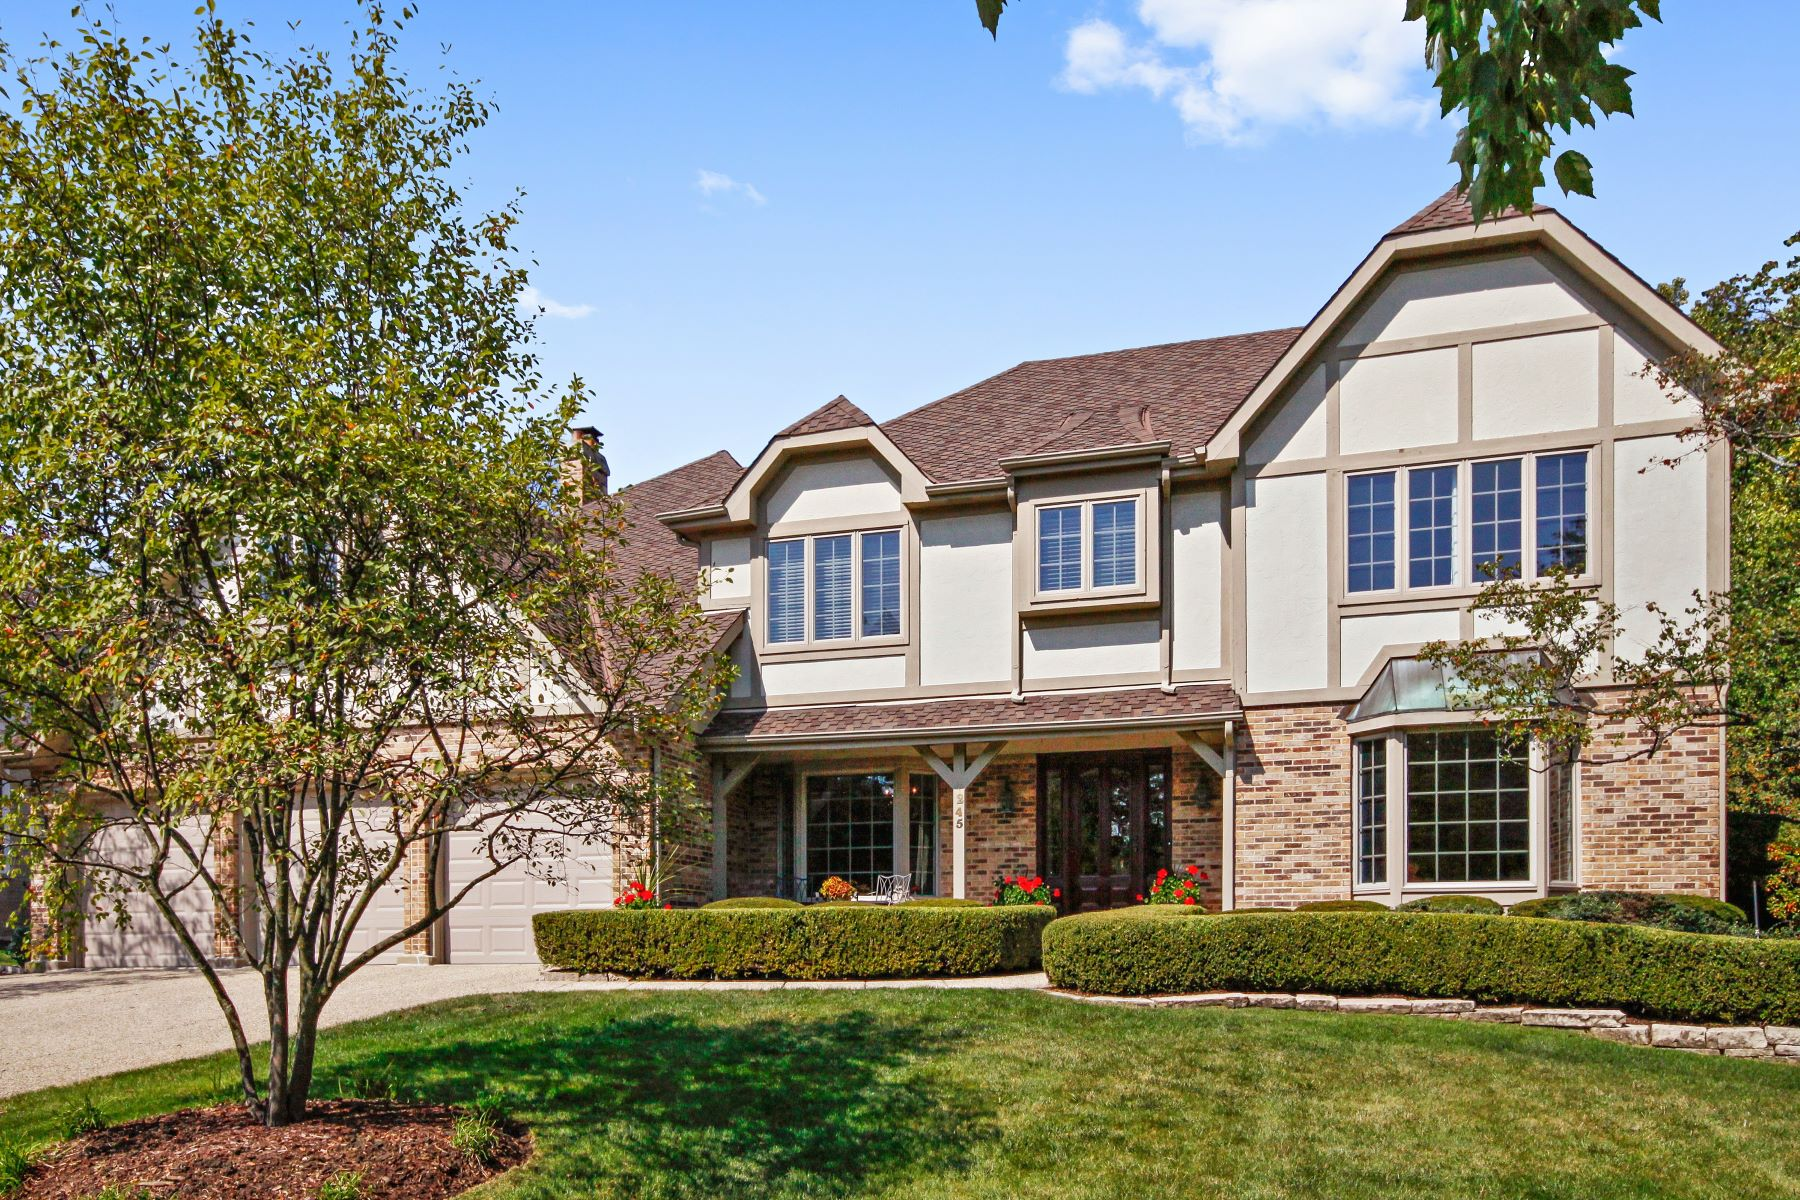 Casa Unifamiliar por un Venta en 245 Meadowbrook Lane Hinsdale, Illinois, 60521 Estados Unidos